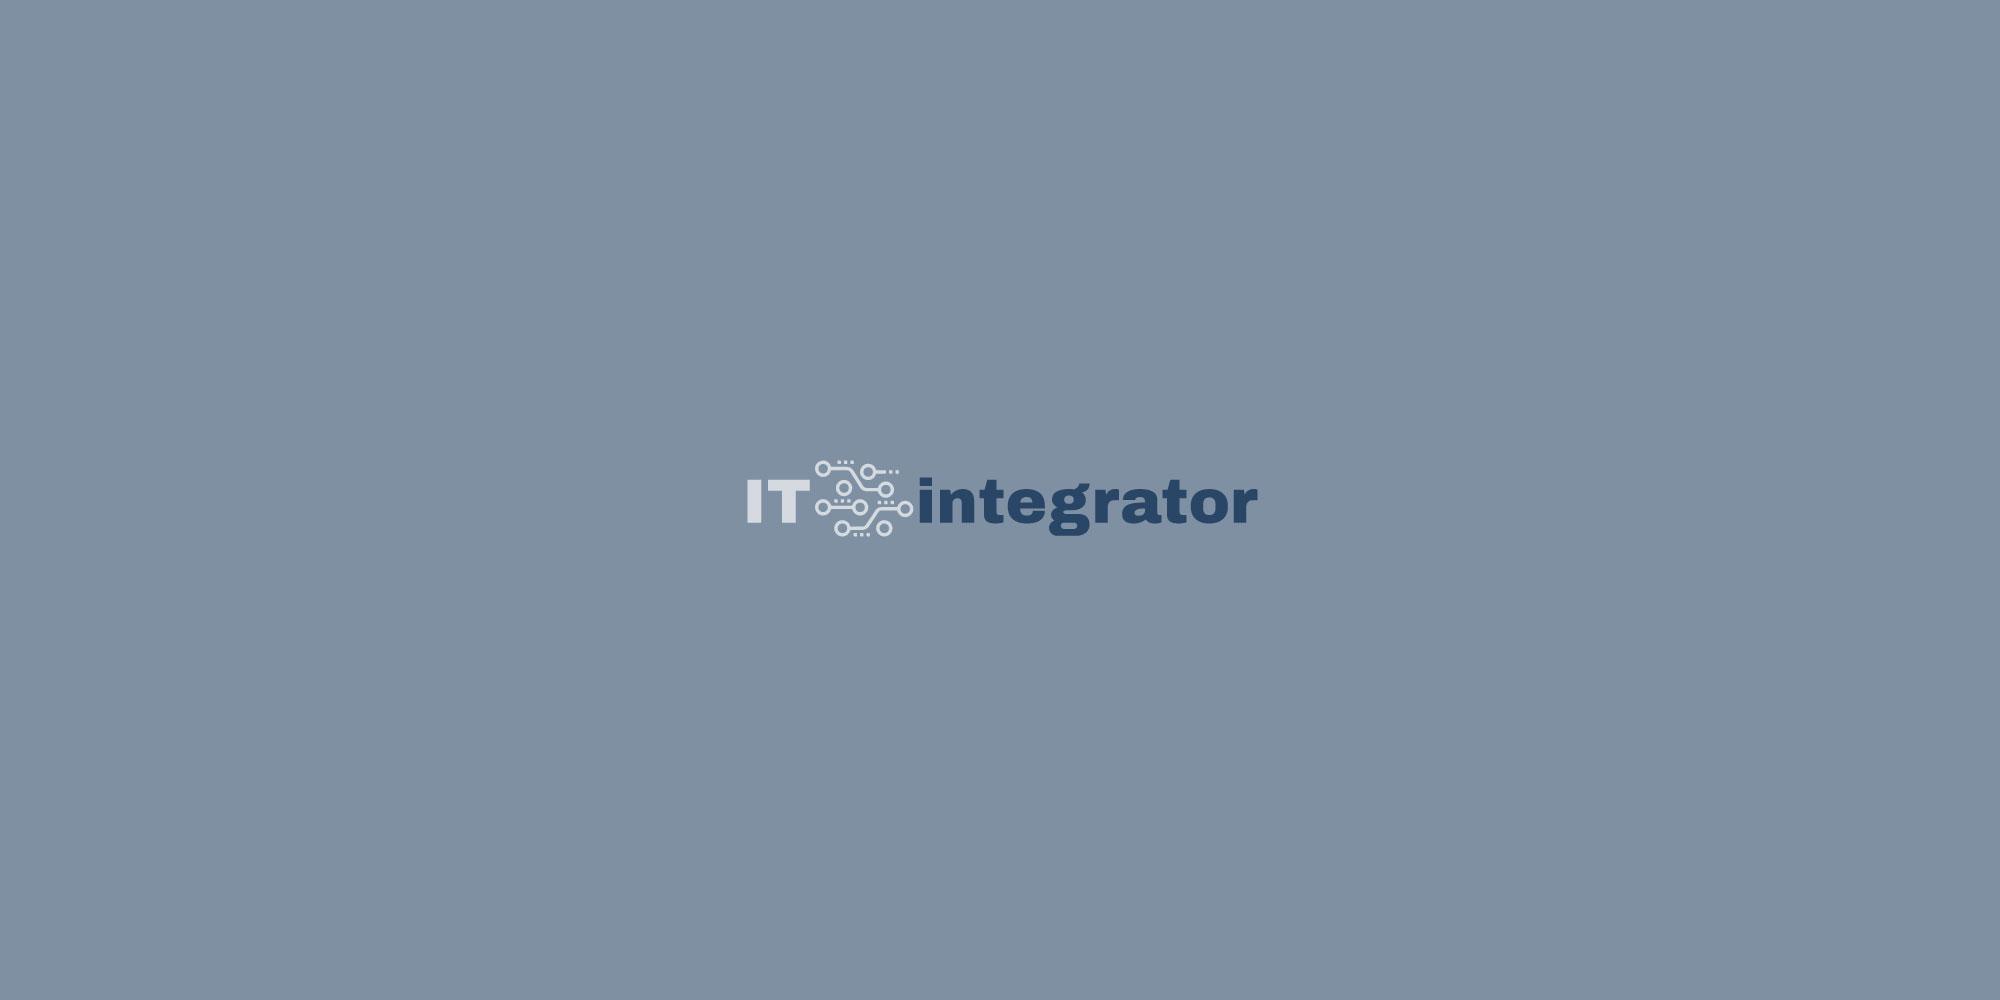 Логотип для IT интегратора фото f_884614c5b67476fd.jpg